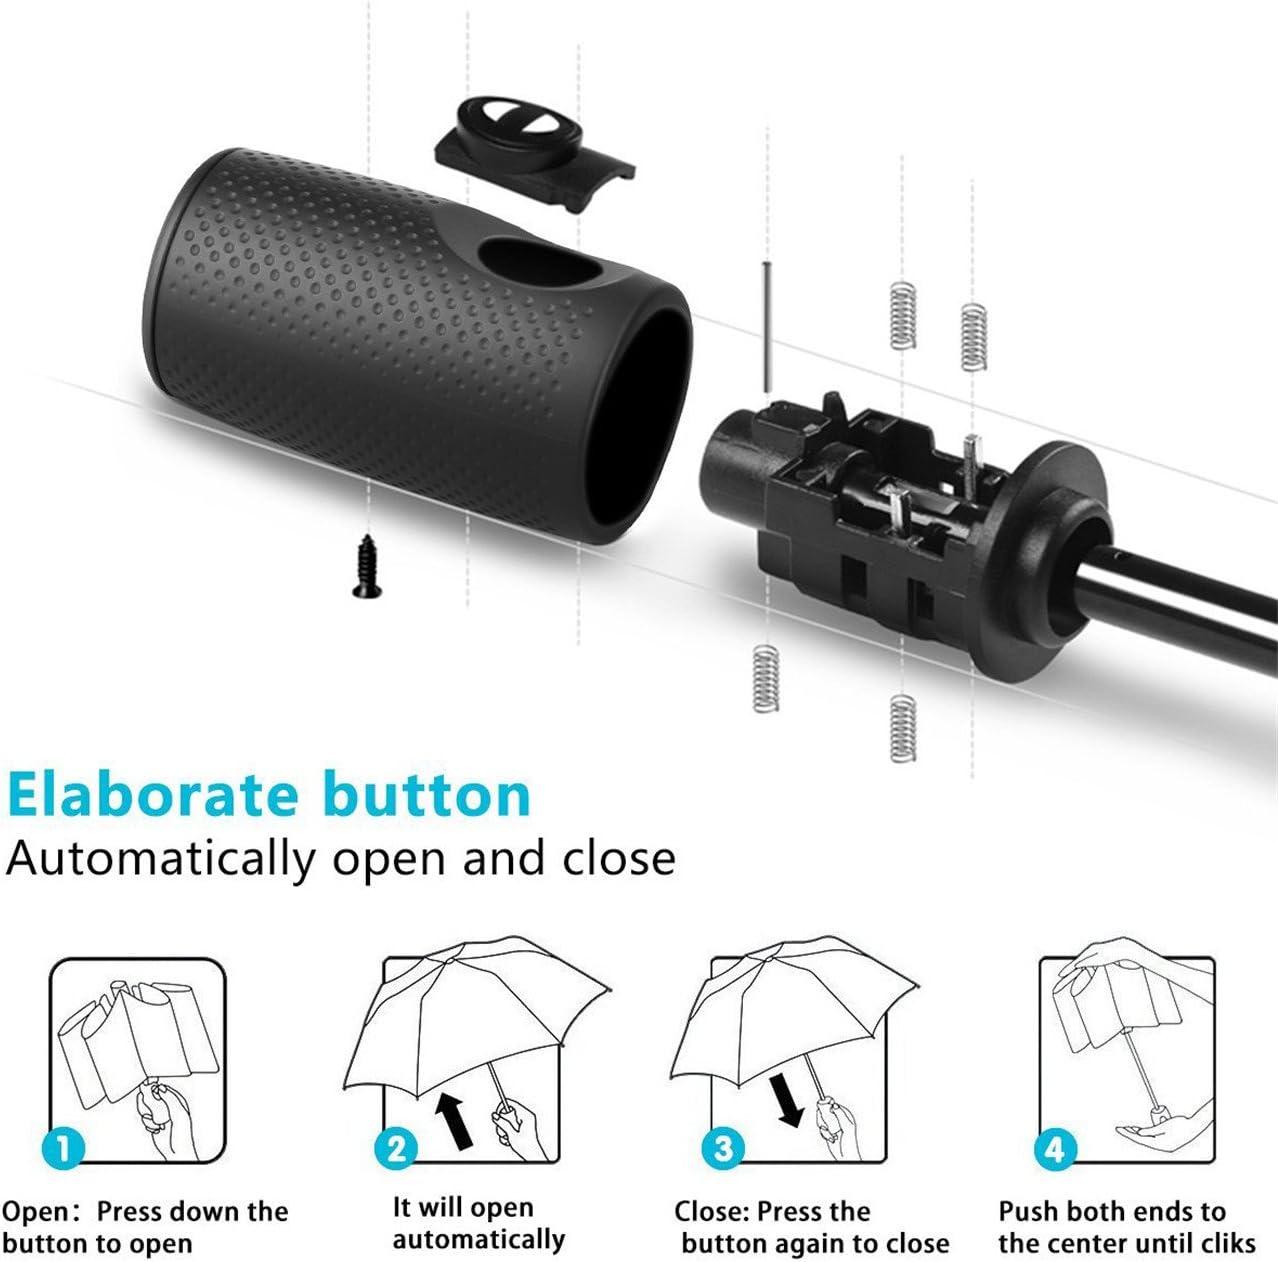 Teflon Kompakter Reise-Regenschirm automatisches /Öffnen // Schlie/ßen verst/ärkter winddichter Rahmen schnelltrocknend rutschfester Griff f/ür einfaches Tragen Grau grau Nicht zutreffend